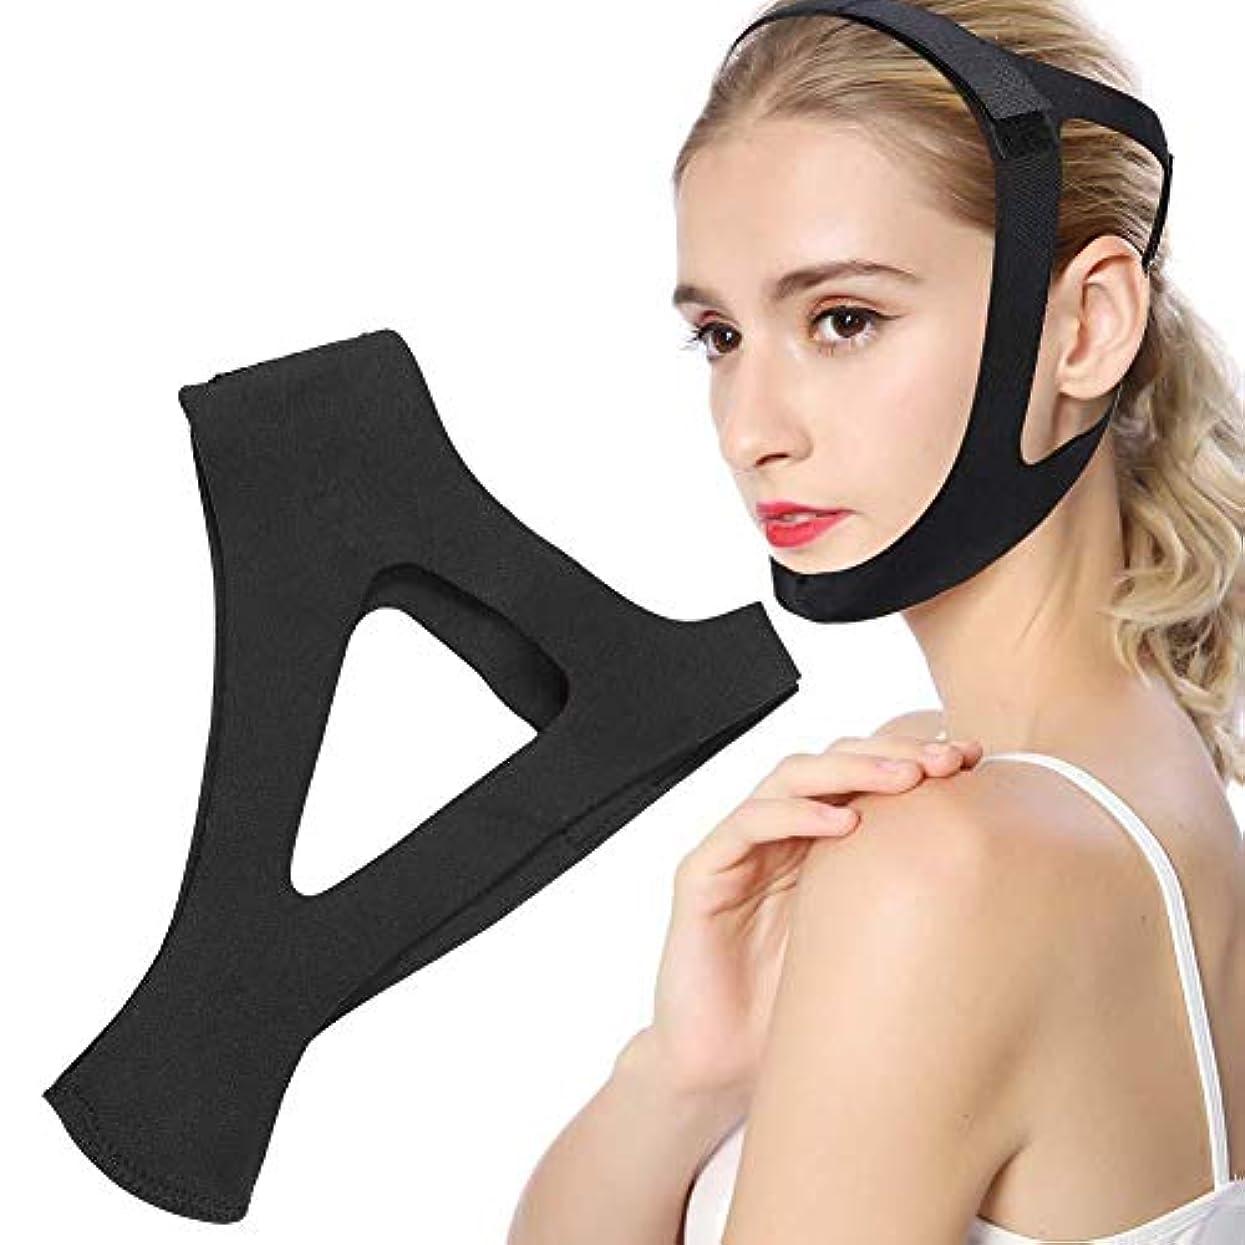 延期する型大工あごのサポートベルト、普遍的な男性と女性の顎顔面リフティングストラップ男性と女性のためのいびきの適切な睡眠